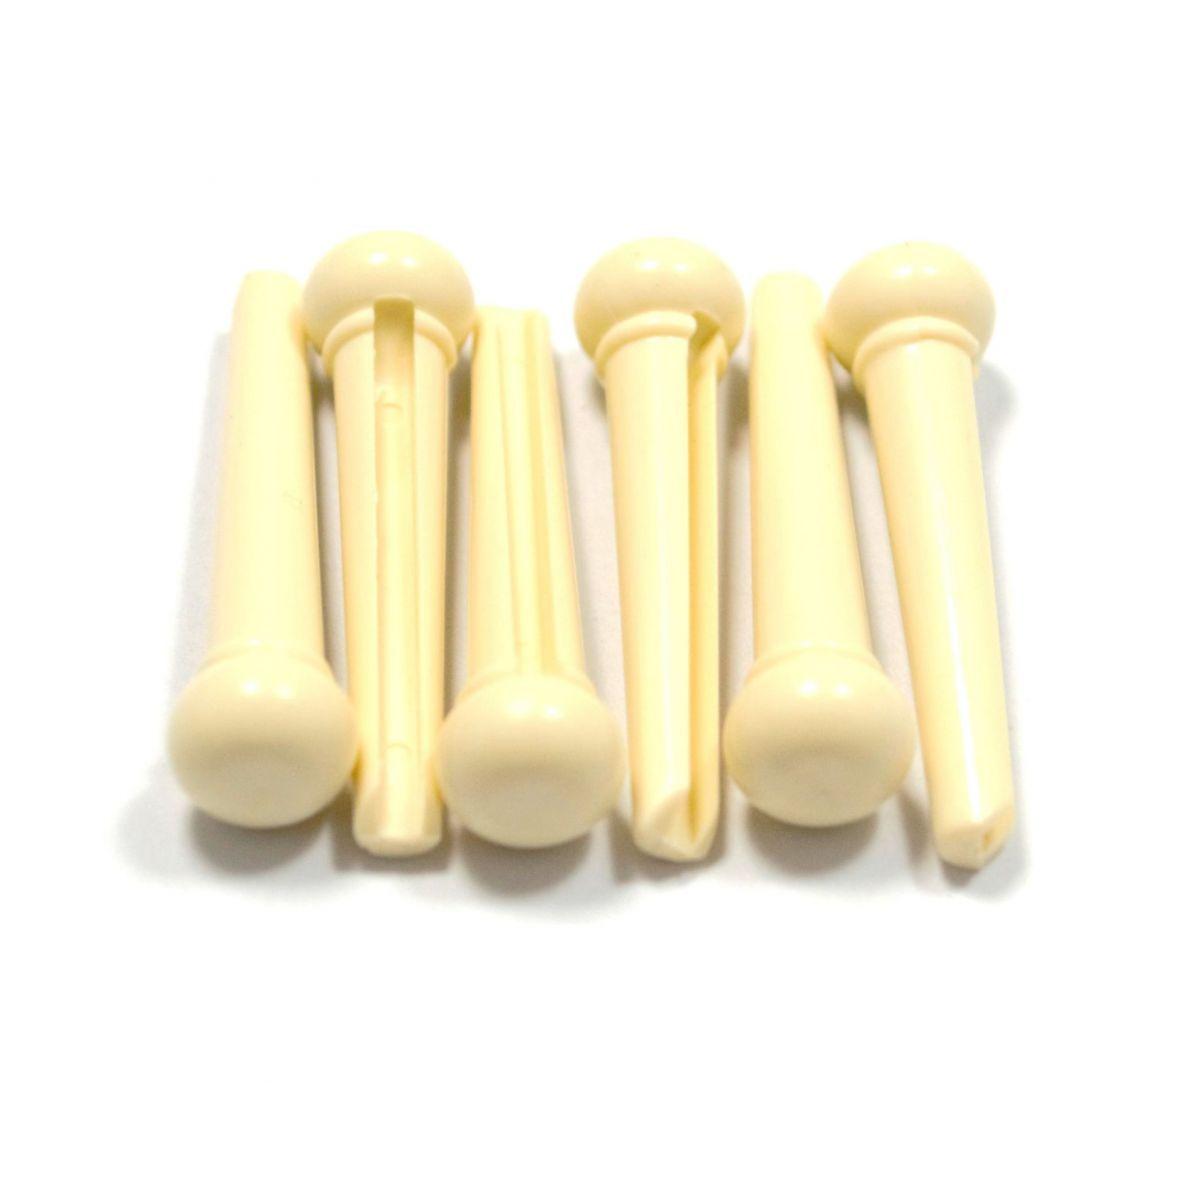 Pino creme para cavalete de violão (aço) (Kit com 6 unidades)  - Luthieria Brasil